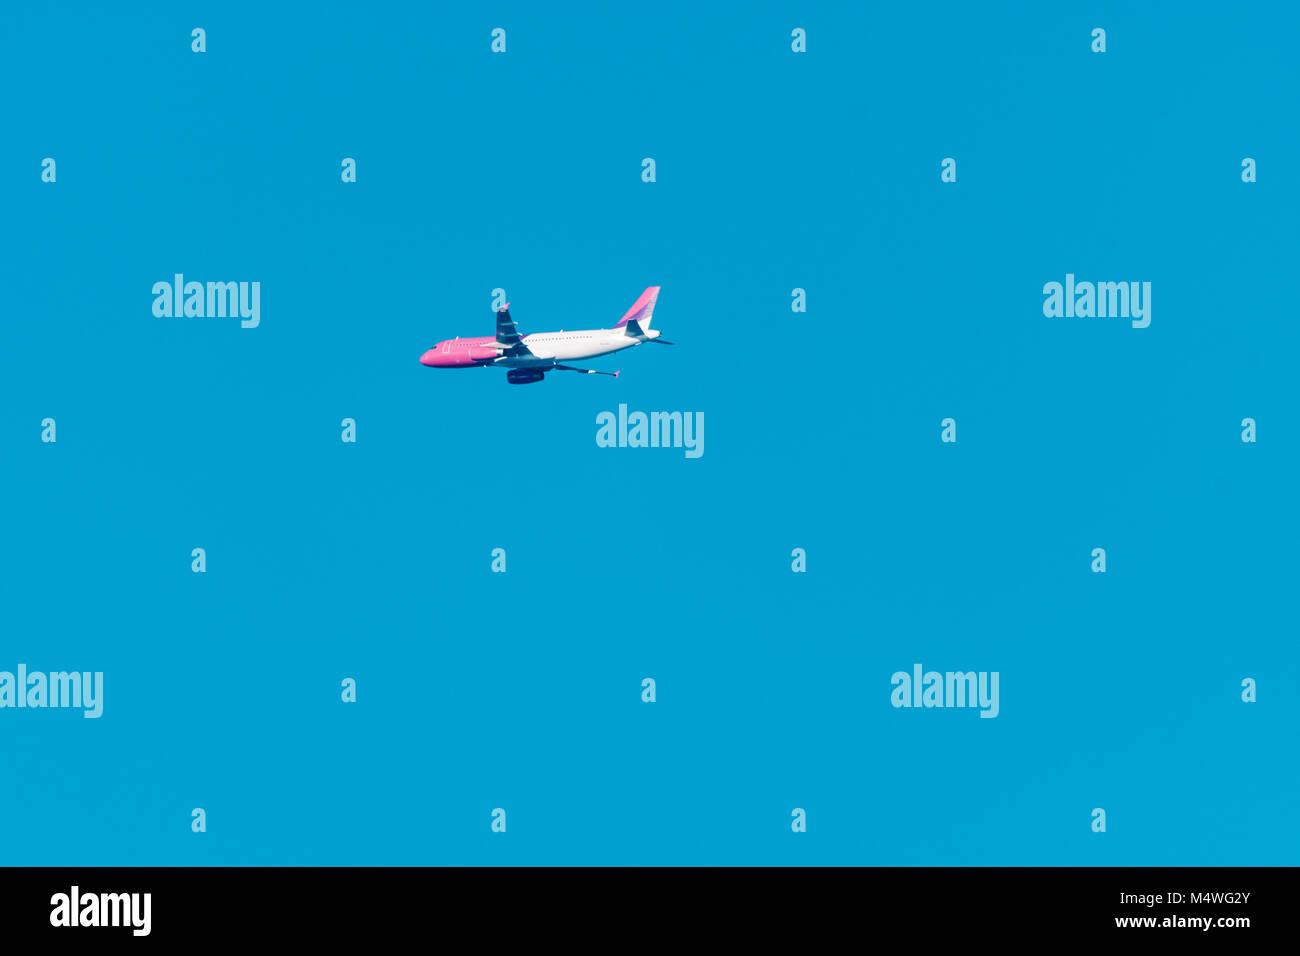 Gran avión de pasajeros en lo alto de un cielo azul claro. Un cielo azul sin nubes. Imagen De Stock